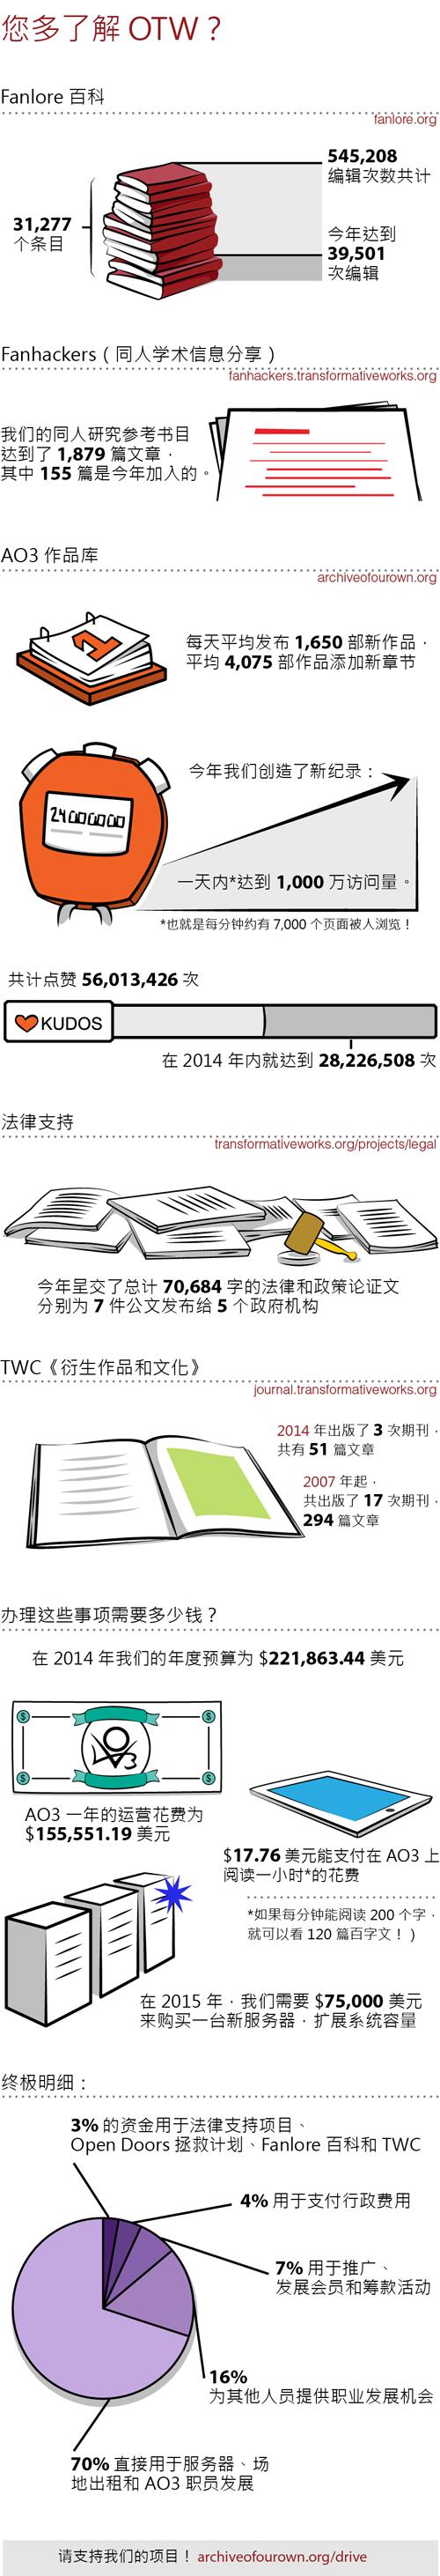 您多了解 OTW?Fanlore 百科:31,277 个条目;编辑次数共计 545,208;今年达到 39,501 次编辑。Fanhackers(同人学术信息分享):我们的同人研究参考书目达到 1,879 篇文章,其中 155 篇是今年加入的。AO3(AO3 作品库):每天平均发布 1,650 部新作品,以及平均 4,075 部作品添加新章节;今年我们创造了新纪录——一天内达到 1,000 万访问量,也就是每分钟约有 7,000 个页面被人浏览!;共计点赞 56,013,426 次——在 2014 年内就达到 28,226,508 次。法律支持:今年呈交了总计 70,684 字的法律和政策论证文,分别为 7 件公文发布给 5 个政府机构。TWC《衍生作品和文化》:2014 年出版了 3 次期刊,共有 51 篇文章;从 2007 年起出版了 17 次期刊,共 294 篇文章。办理这些事项需要多少钱?在 2014 年我们的年度预算为 $221,863.44 美元。AO3 一年的运营花费为 $155,551.19 美元。$17.76 美元能支付在 AO3 上阅读一小时的花费,如果每分钟能阅读 200 个字,就可以看 120 篇百字文!在 2015 年,我们需要 $75,000 美元来购买一台新服务器,扩展系统容量。终极明细:3% 的资金用于法律支持项目、Open Doors 拯救计划、Fanlore 百科和 TWC;4% 用于支付行政费用;7% 用于推广、发展会员和筹款活动;16% 为所有其他人员提供职业发展的机会;70% 直接用于服务器、场地出租和 AO3 职员发展。请支持我们的项目!<br /> transformativeworks.org/donate